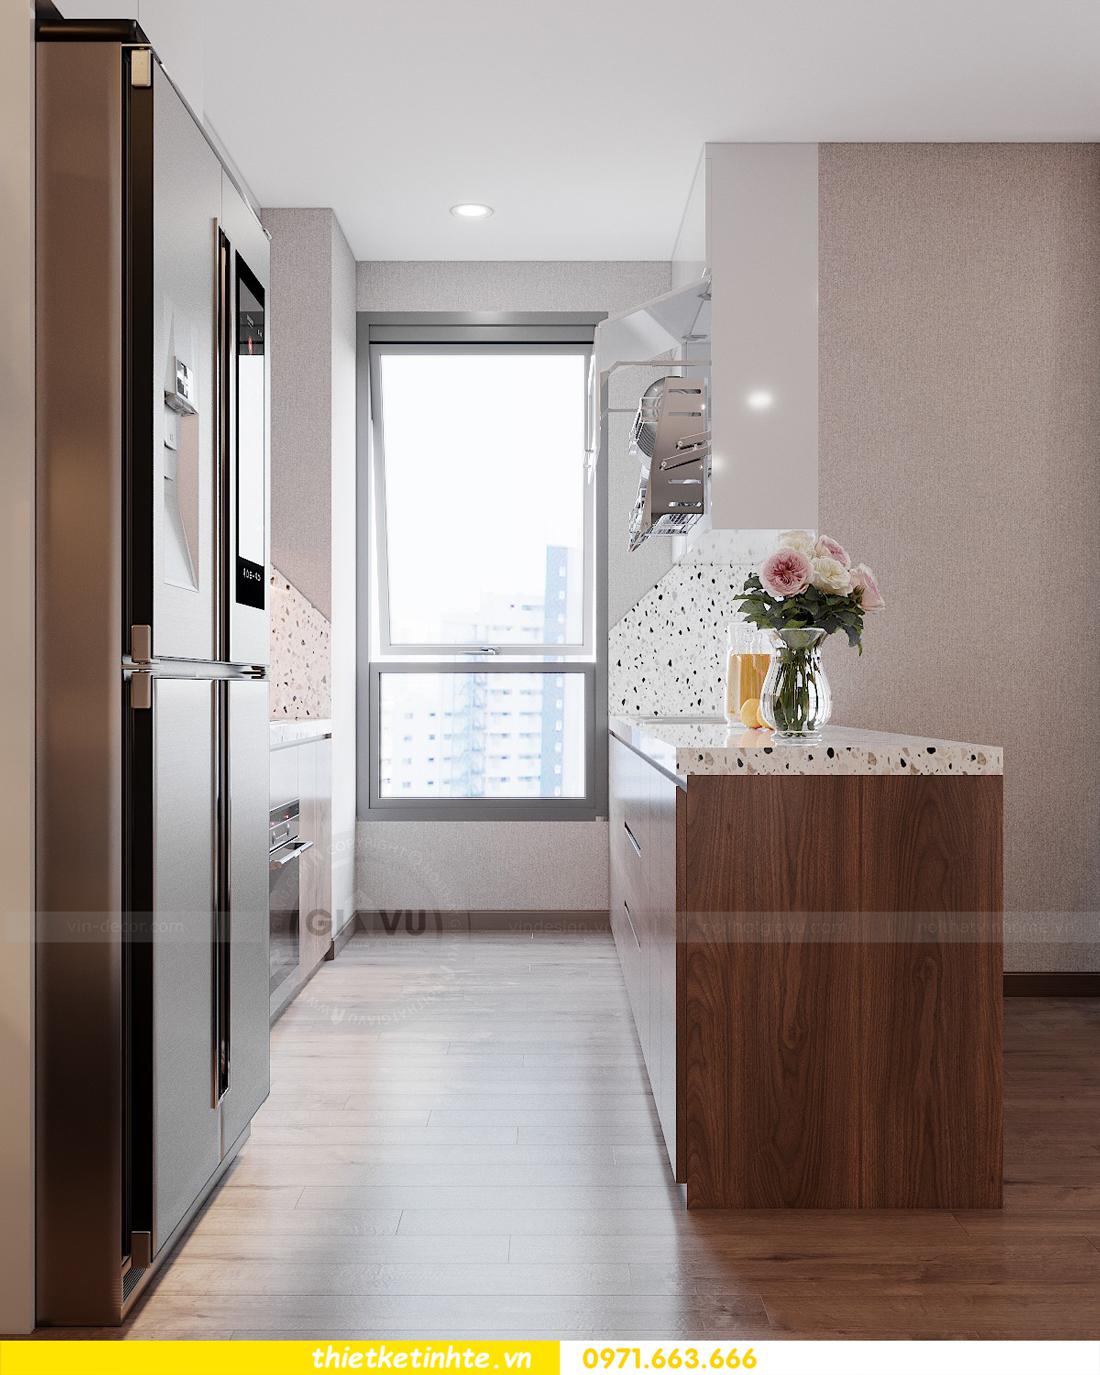 Thiết kế nội thất chung cư Smart City căn hộ 3 ngủ hiện đại 06